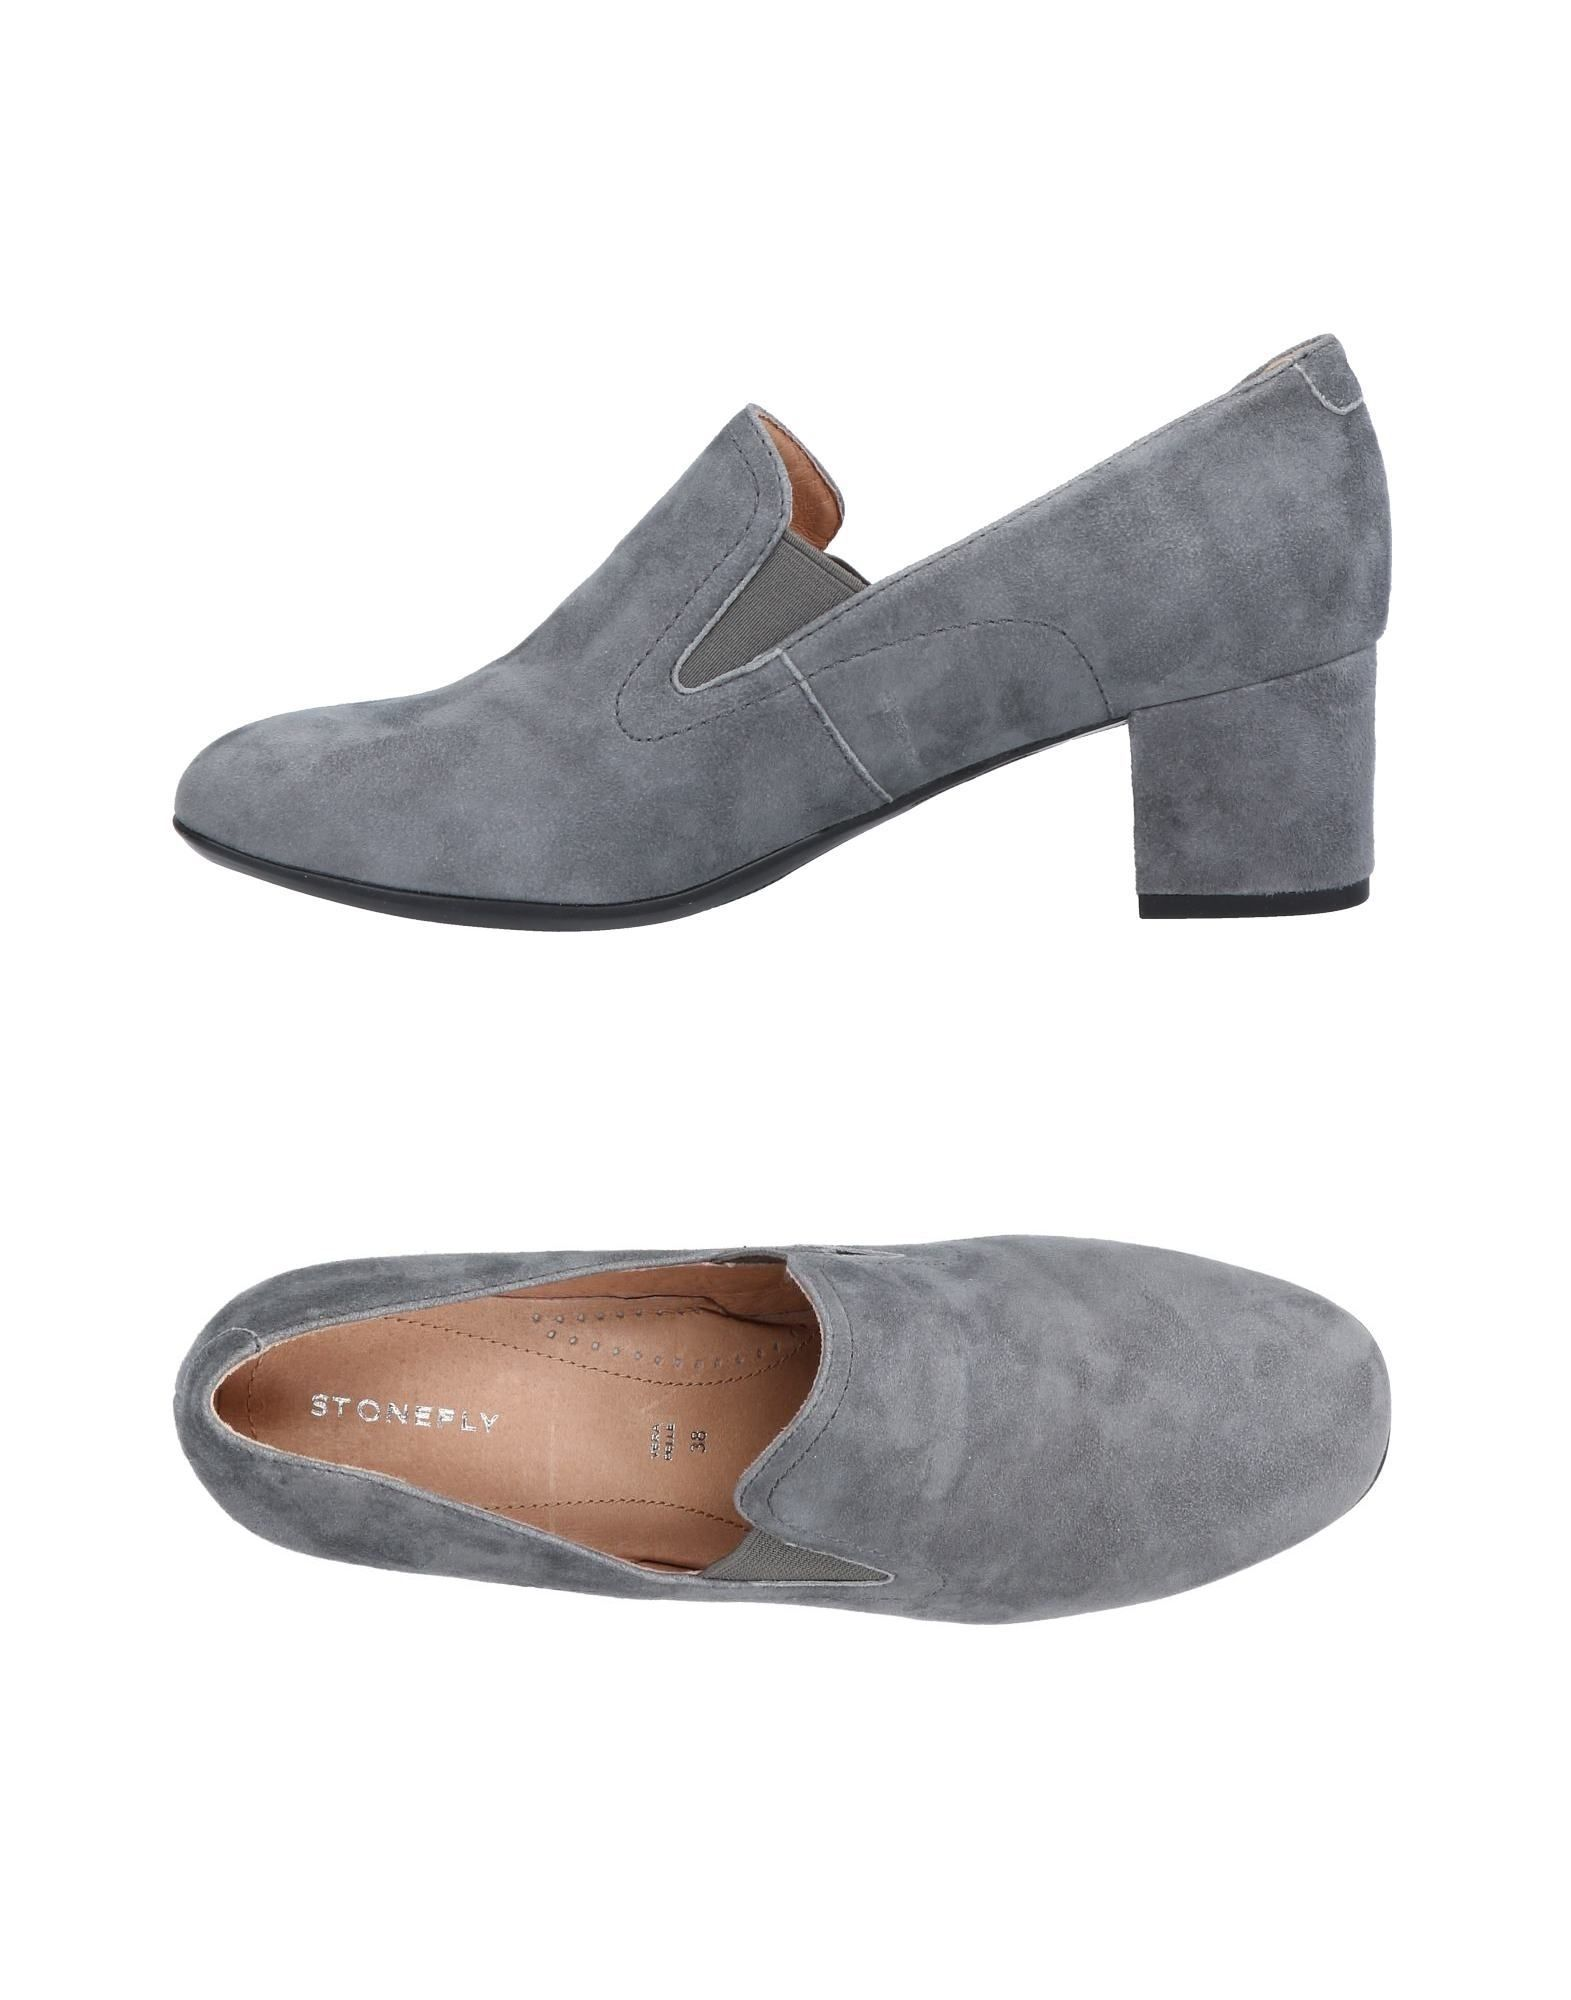 Stonefly Mokassins Damen Gute  11464896ND Gute Damen Qualität beliebte Schuhe 9686f1